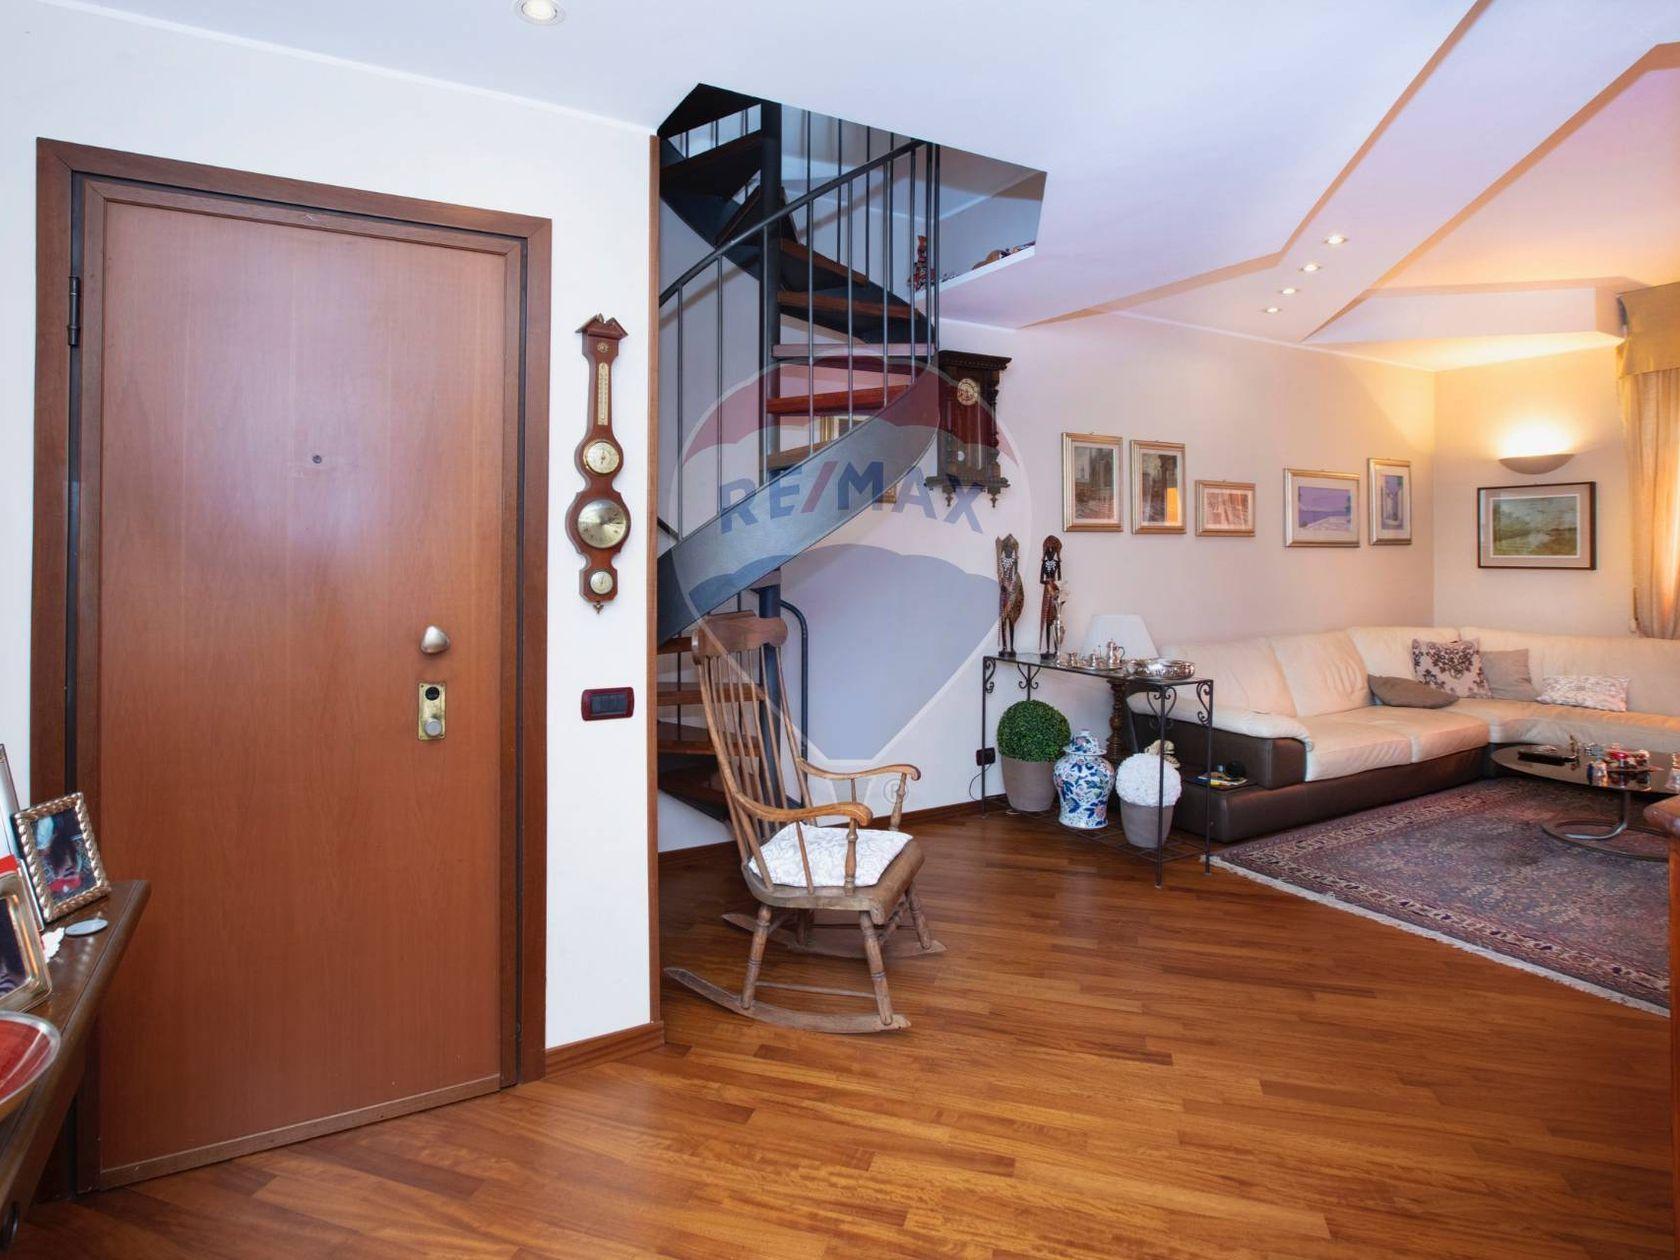 Appartamento Zona San Carlo, Rho, MI Vendita - Foto 9